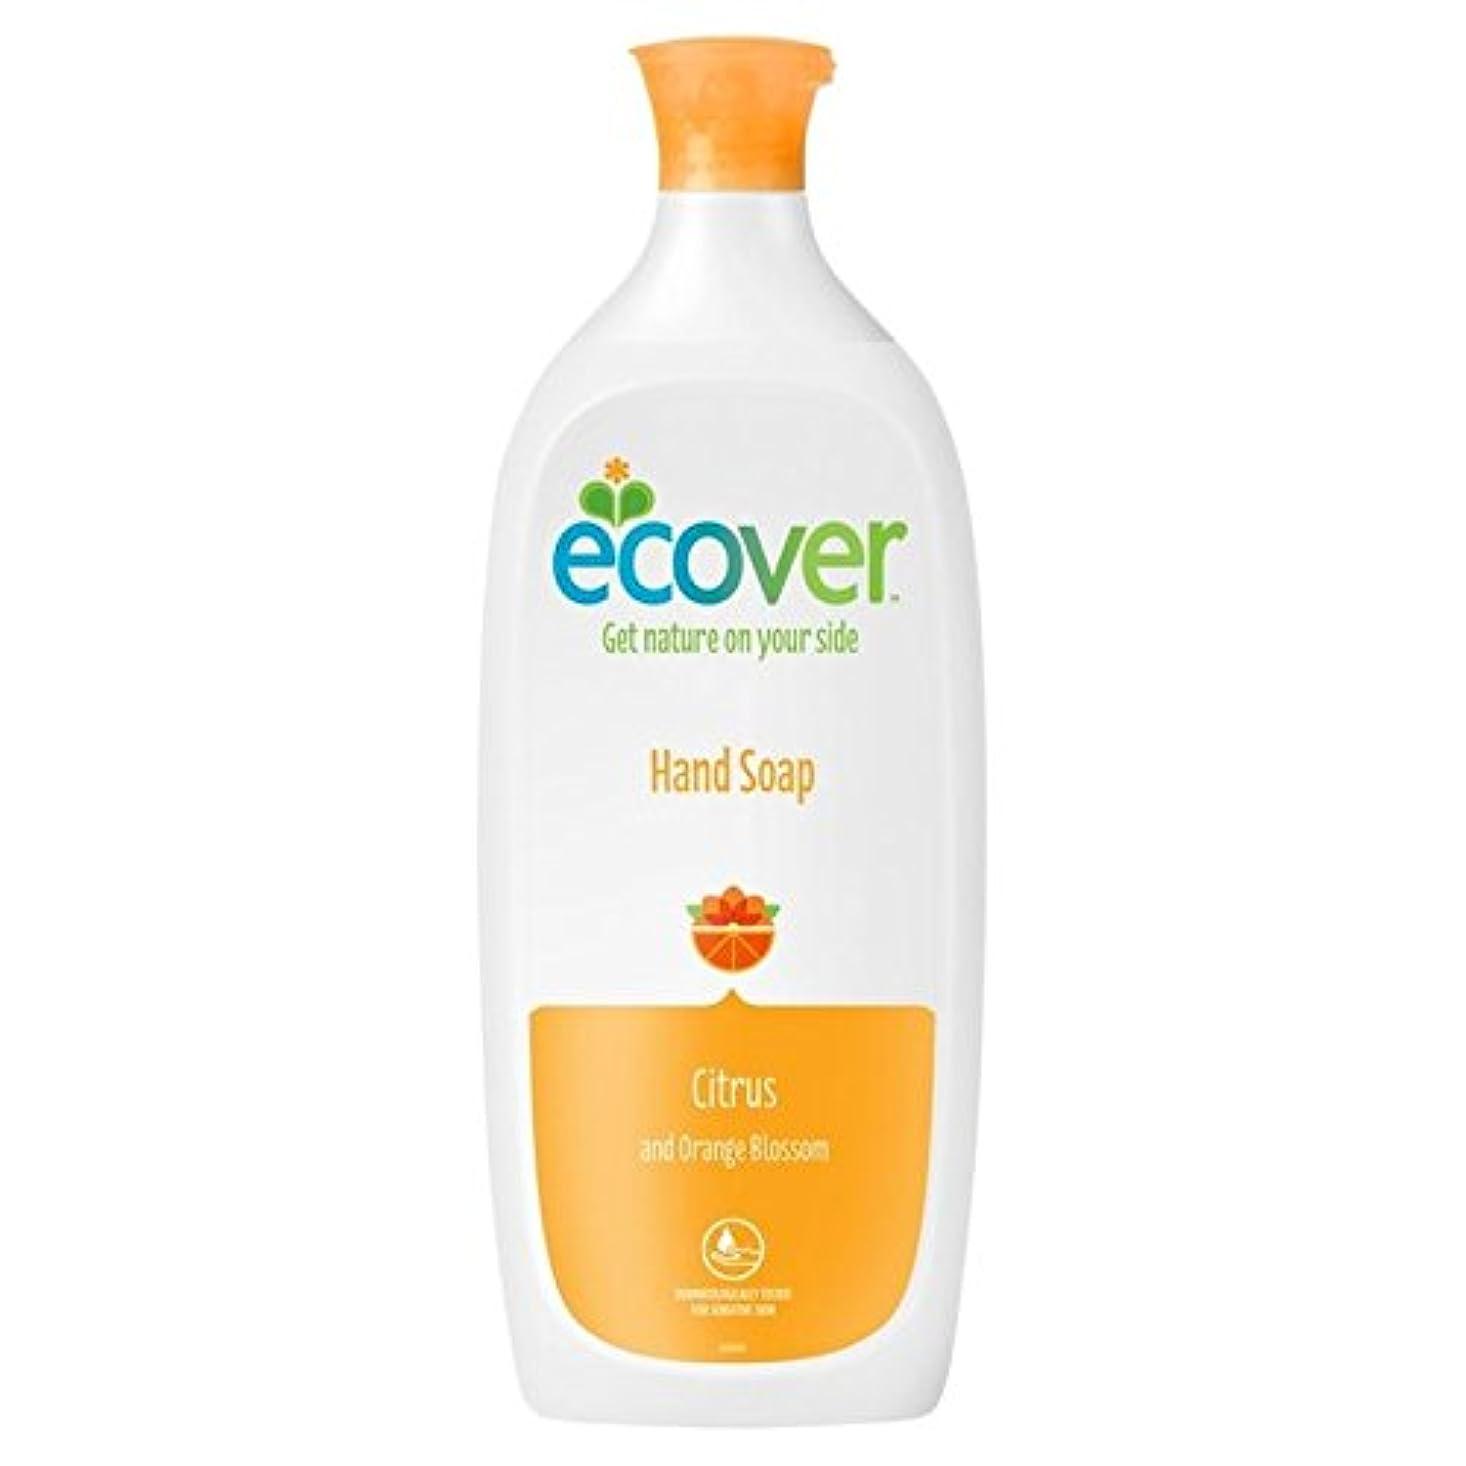 フロンティア飲み込むアトムエコベール液体石鹸シトラス&オレンジの花のリフィル1リットル x4 - Ecover Liquid Soap Citrus & Orange Blossom Refill 1L (Pack of 4) [並行輸入品]